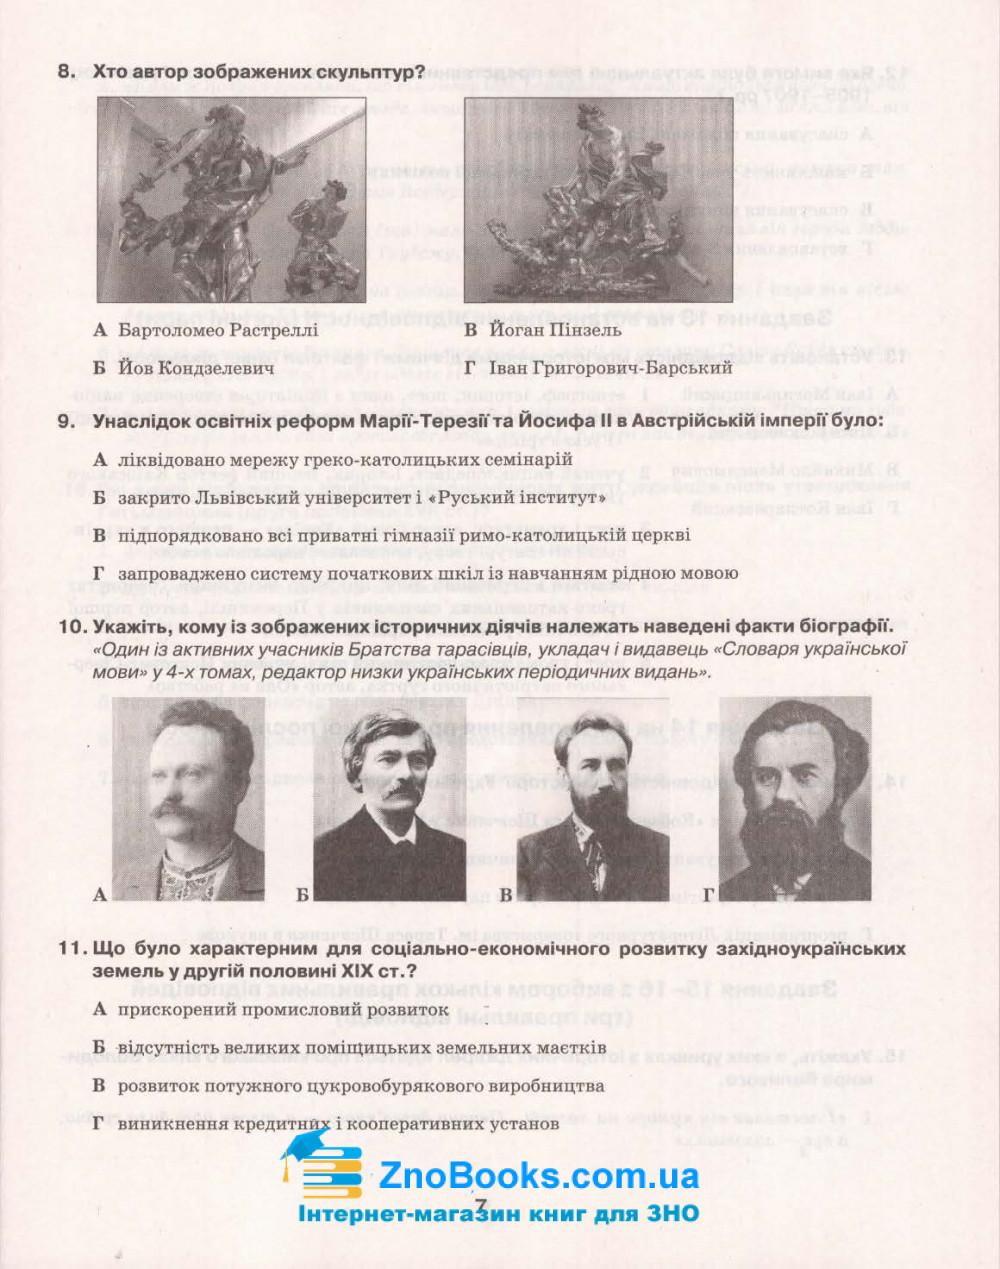 Гук О. ДПА 2021 Історія України 9 клас. Збірник завдань. Освіта купити 5